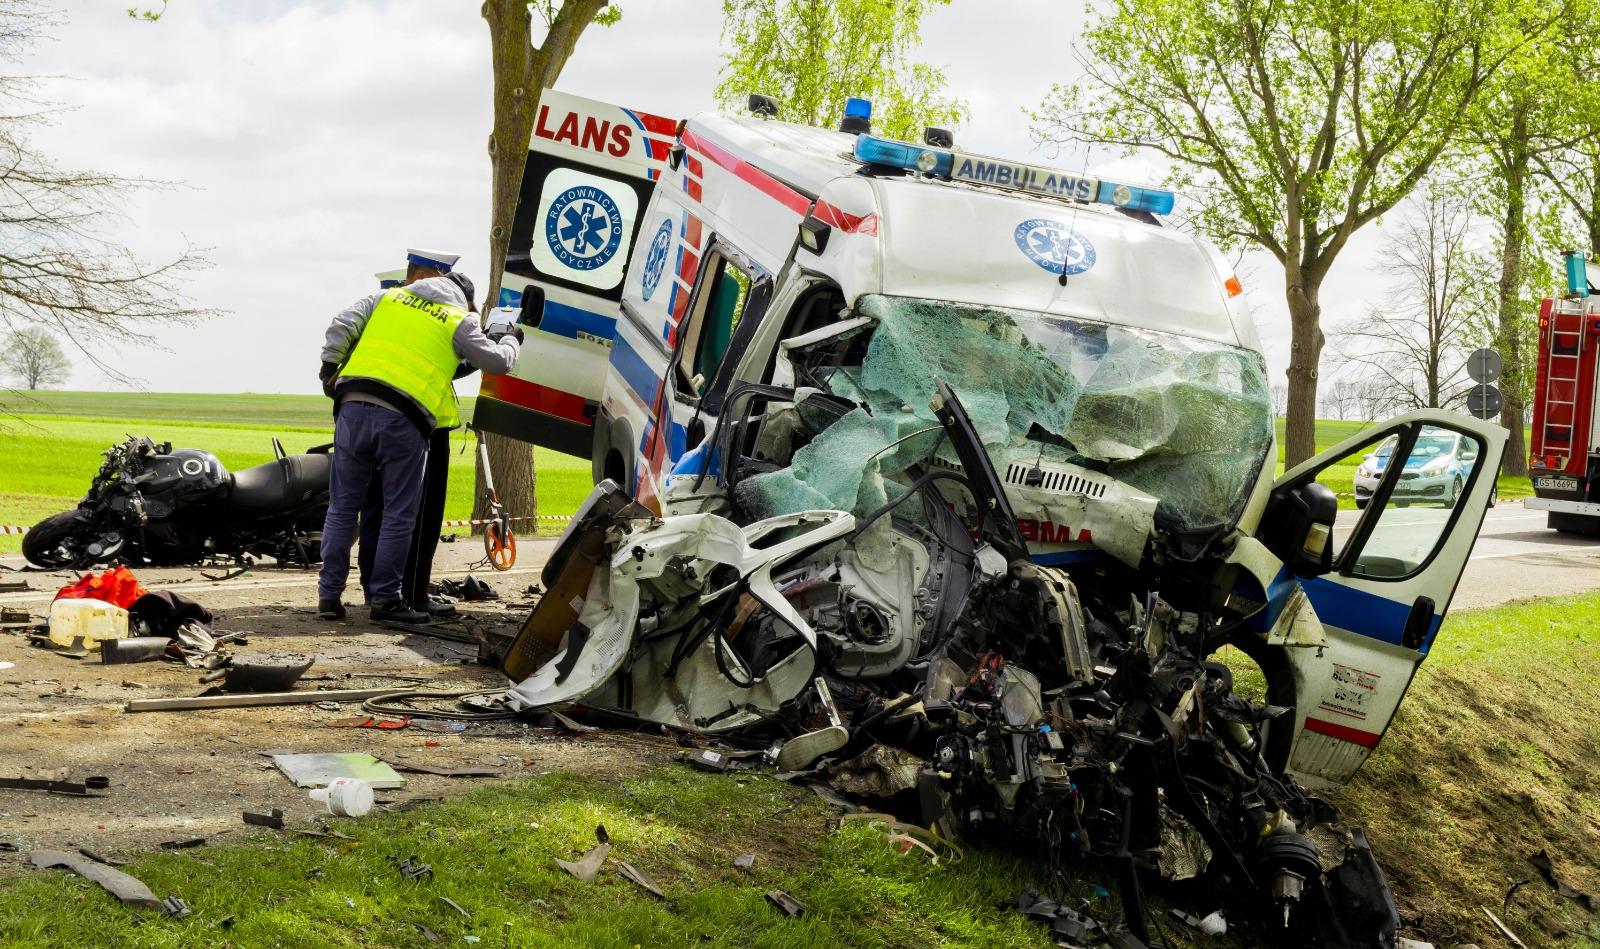 Tragiczny wypadek z udziałem karetki! Nie żyją dwie osoby! Wzdarzeniu brały udział również auto ciężarowe przewożące paliwo orazmotocykl.[AKTUALIZACJA]